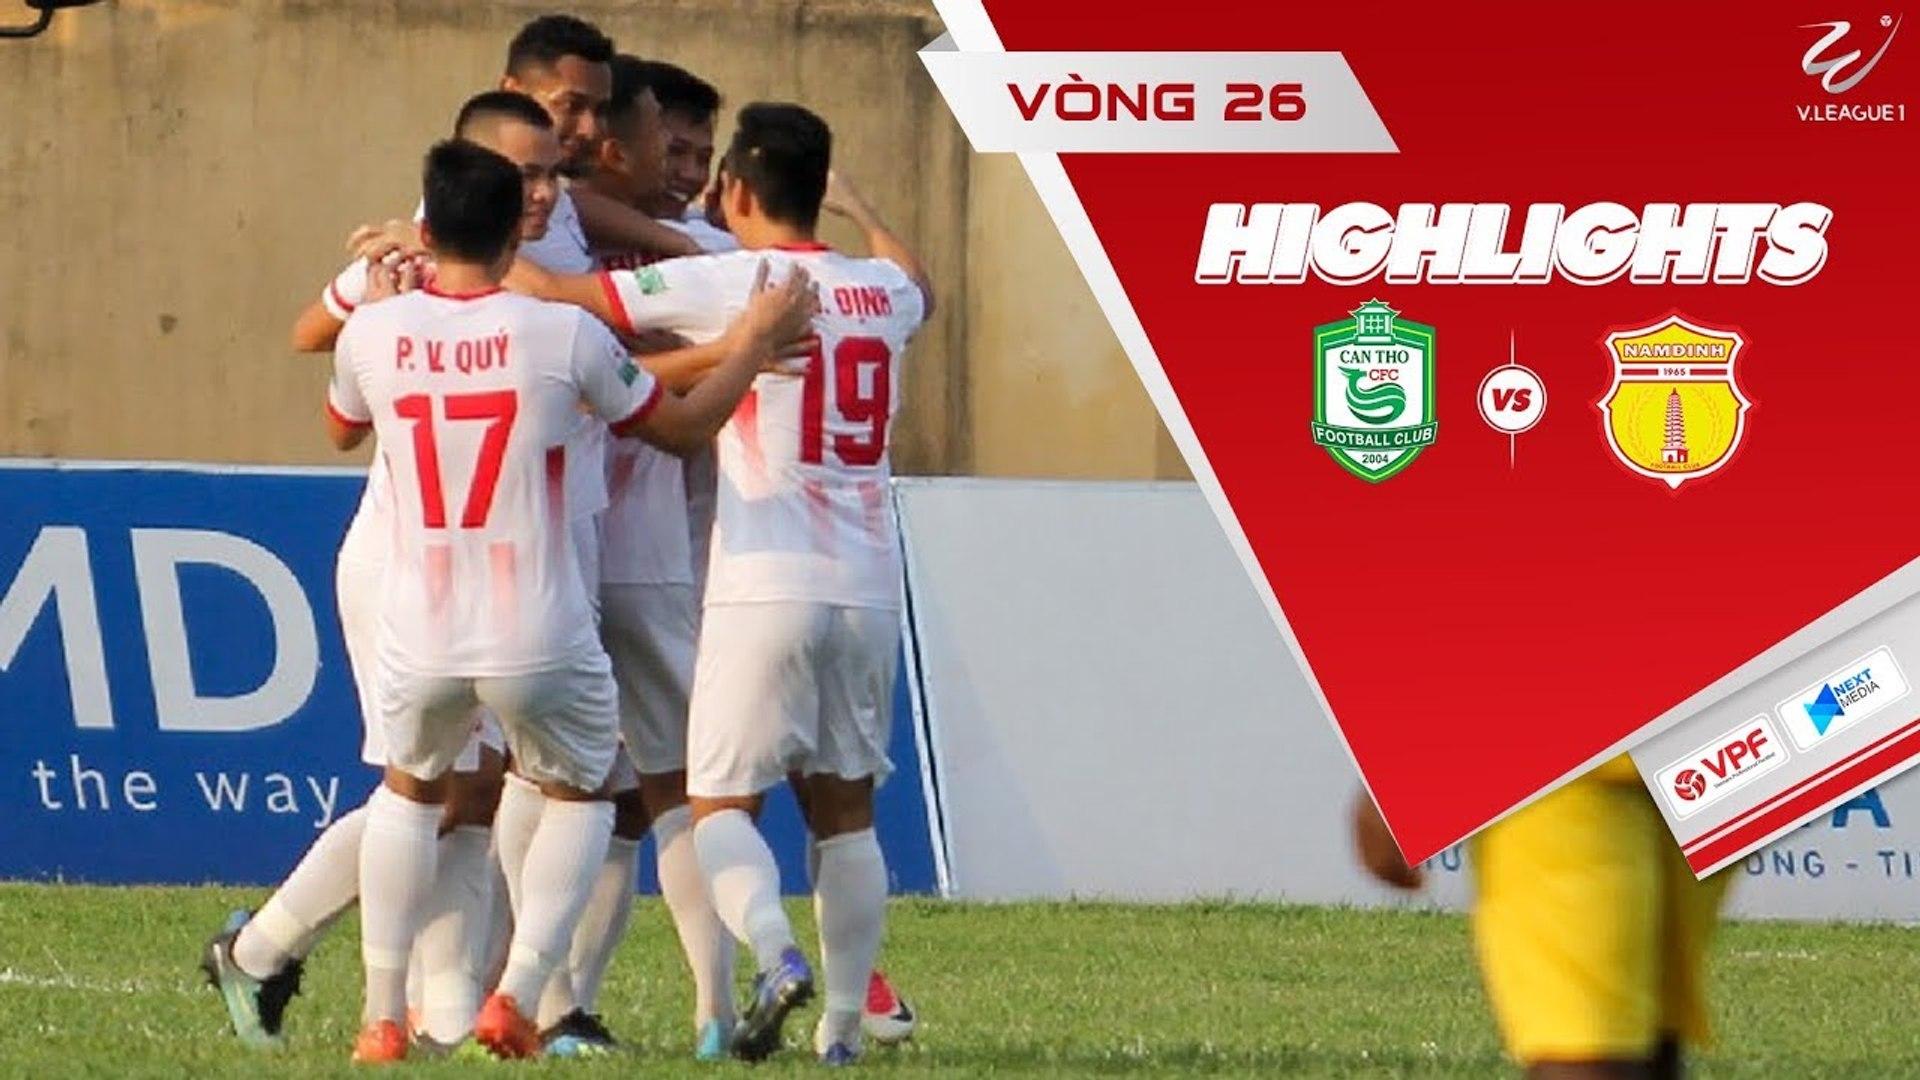 Tiễn XSKT Cần Thơ xuống hạng, Nam Định giành suất play-off trụ hạng V-League 2018 - VPF Media